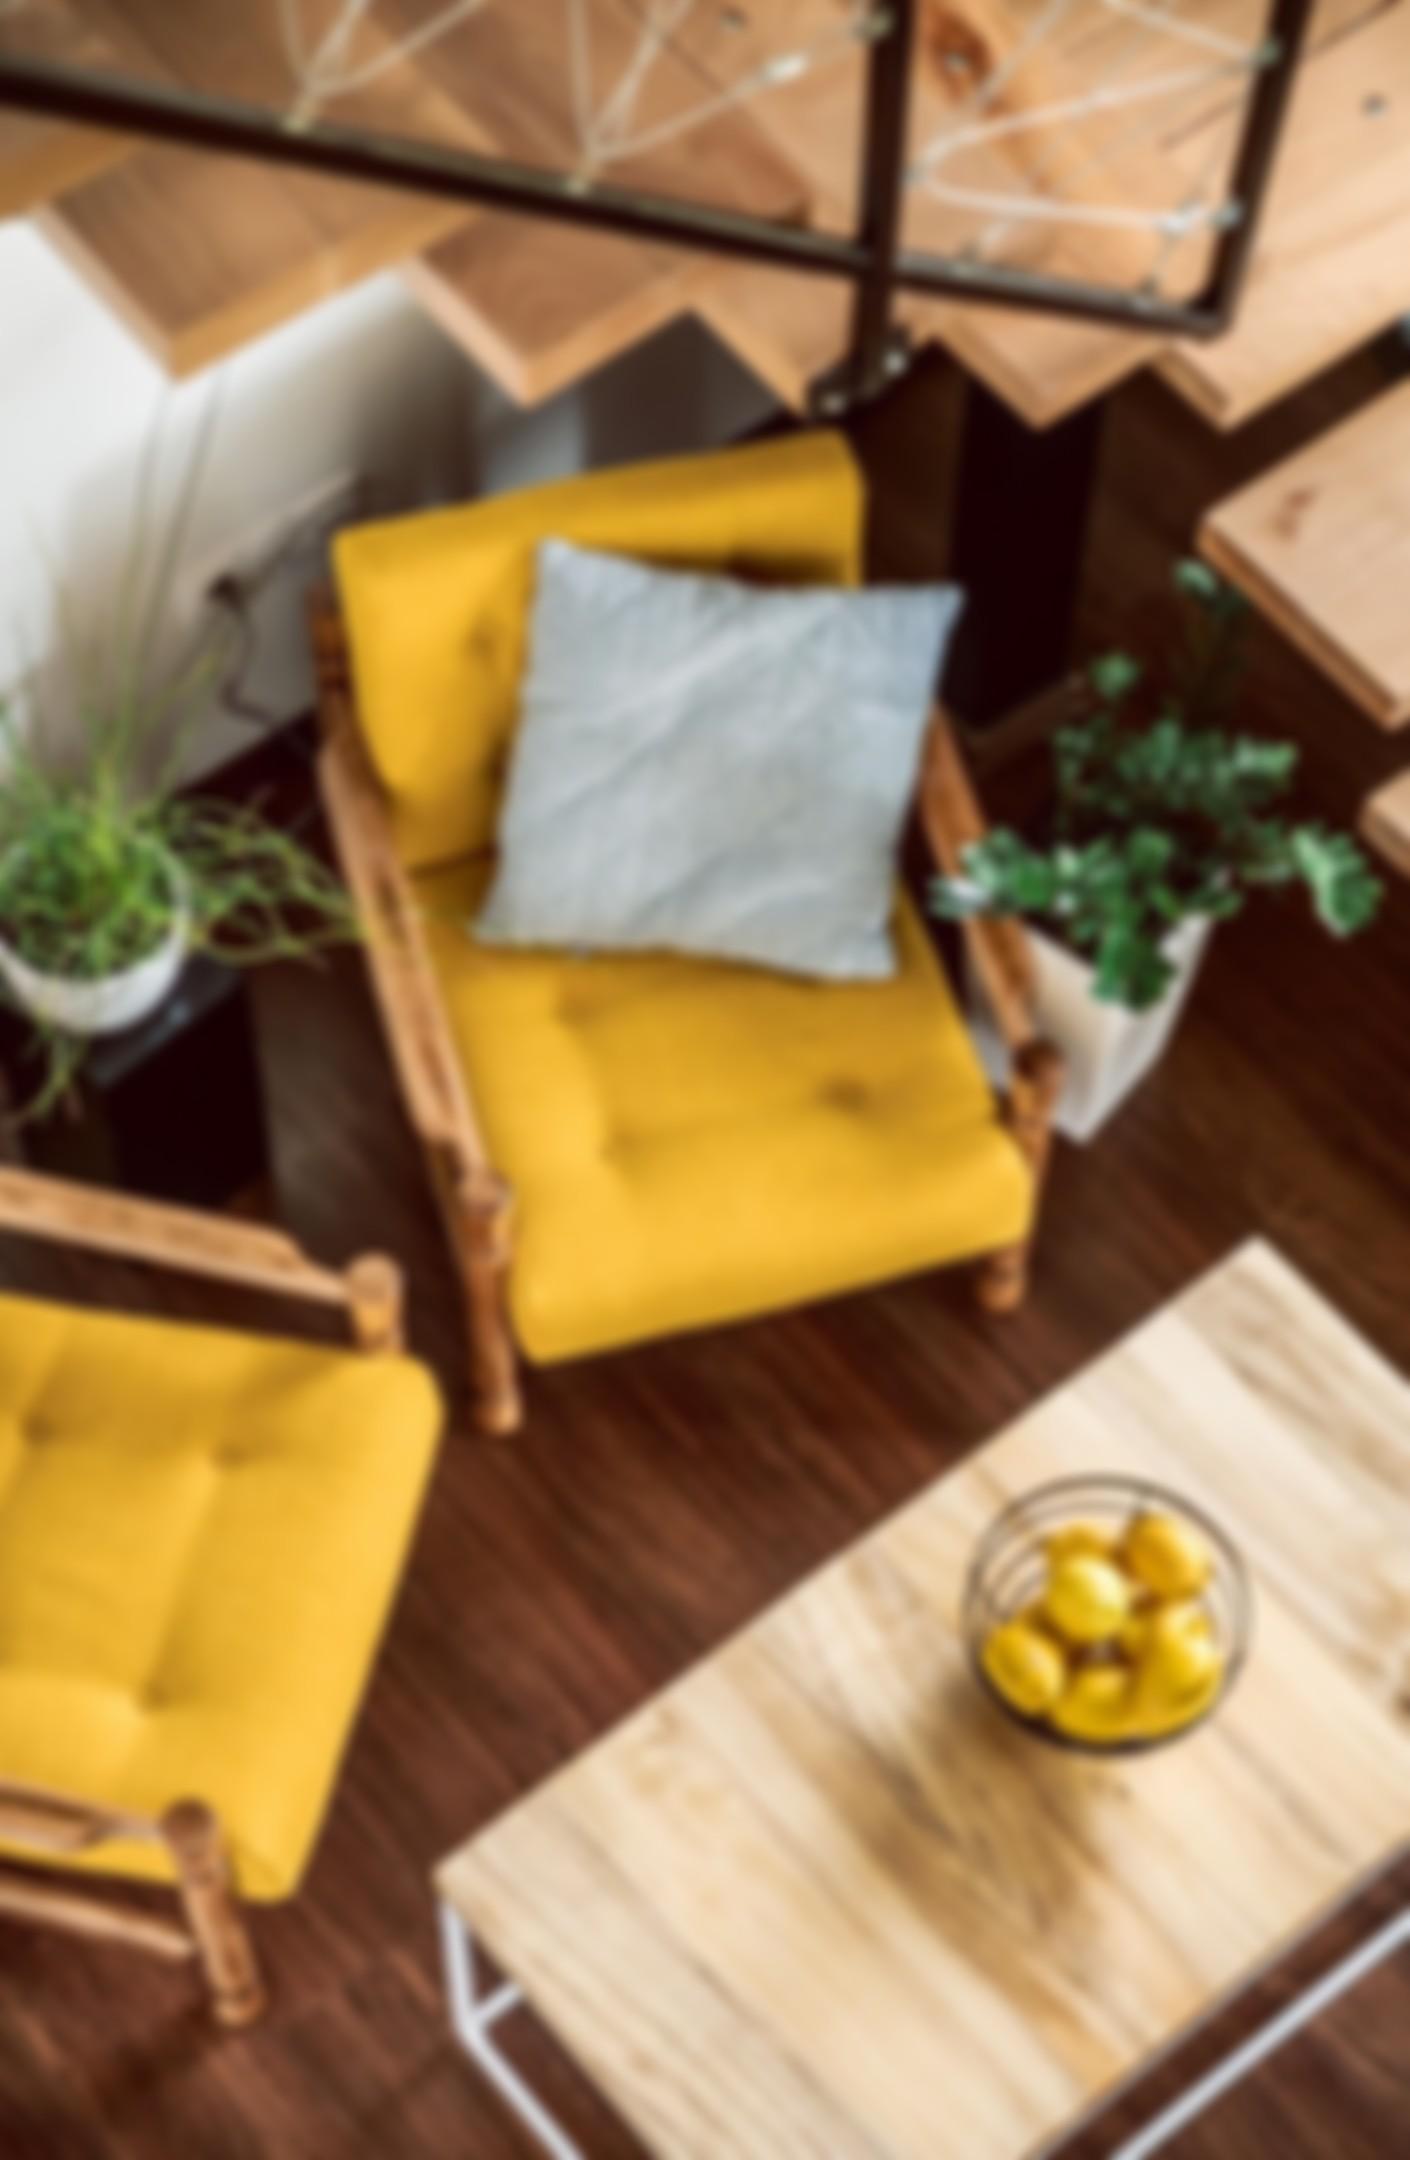 Zdjęcie z żółtymi fotelami.